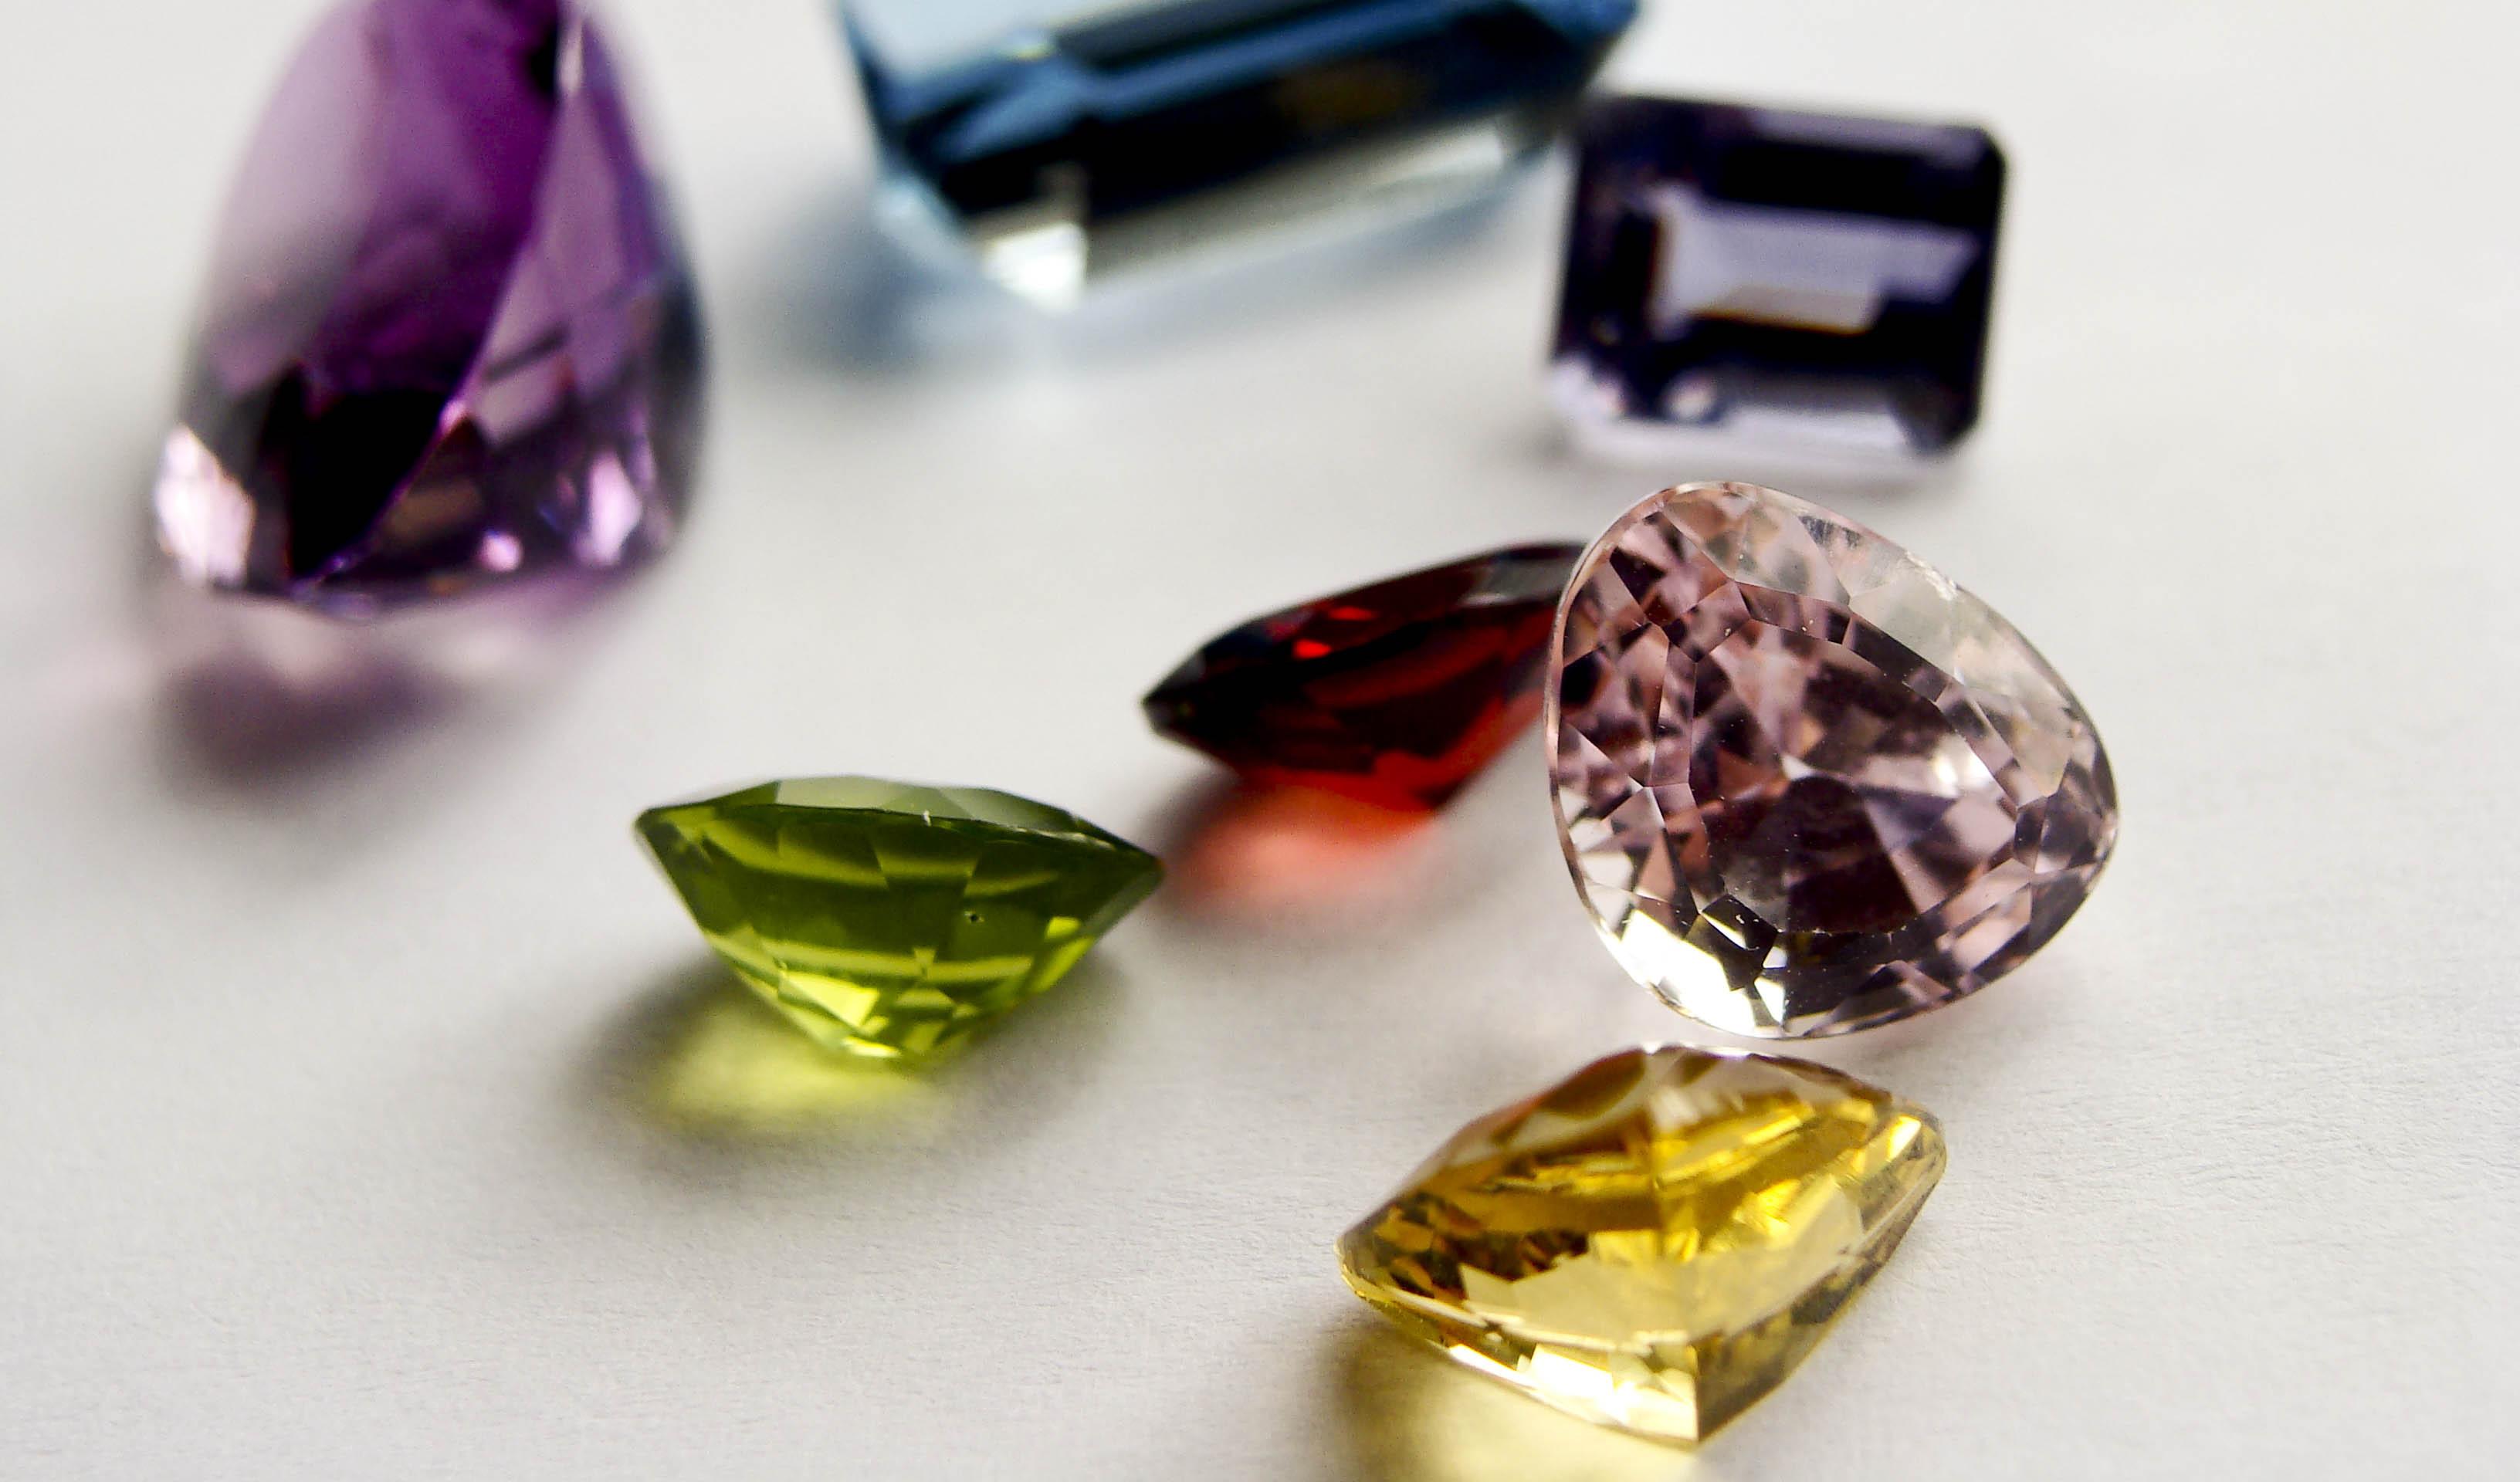 افزایش 25 درصدی صادرات فلزات و سنگهای گرانبها